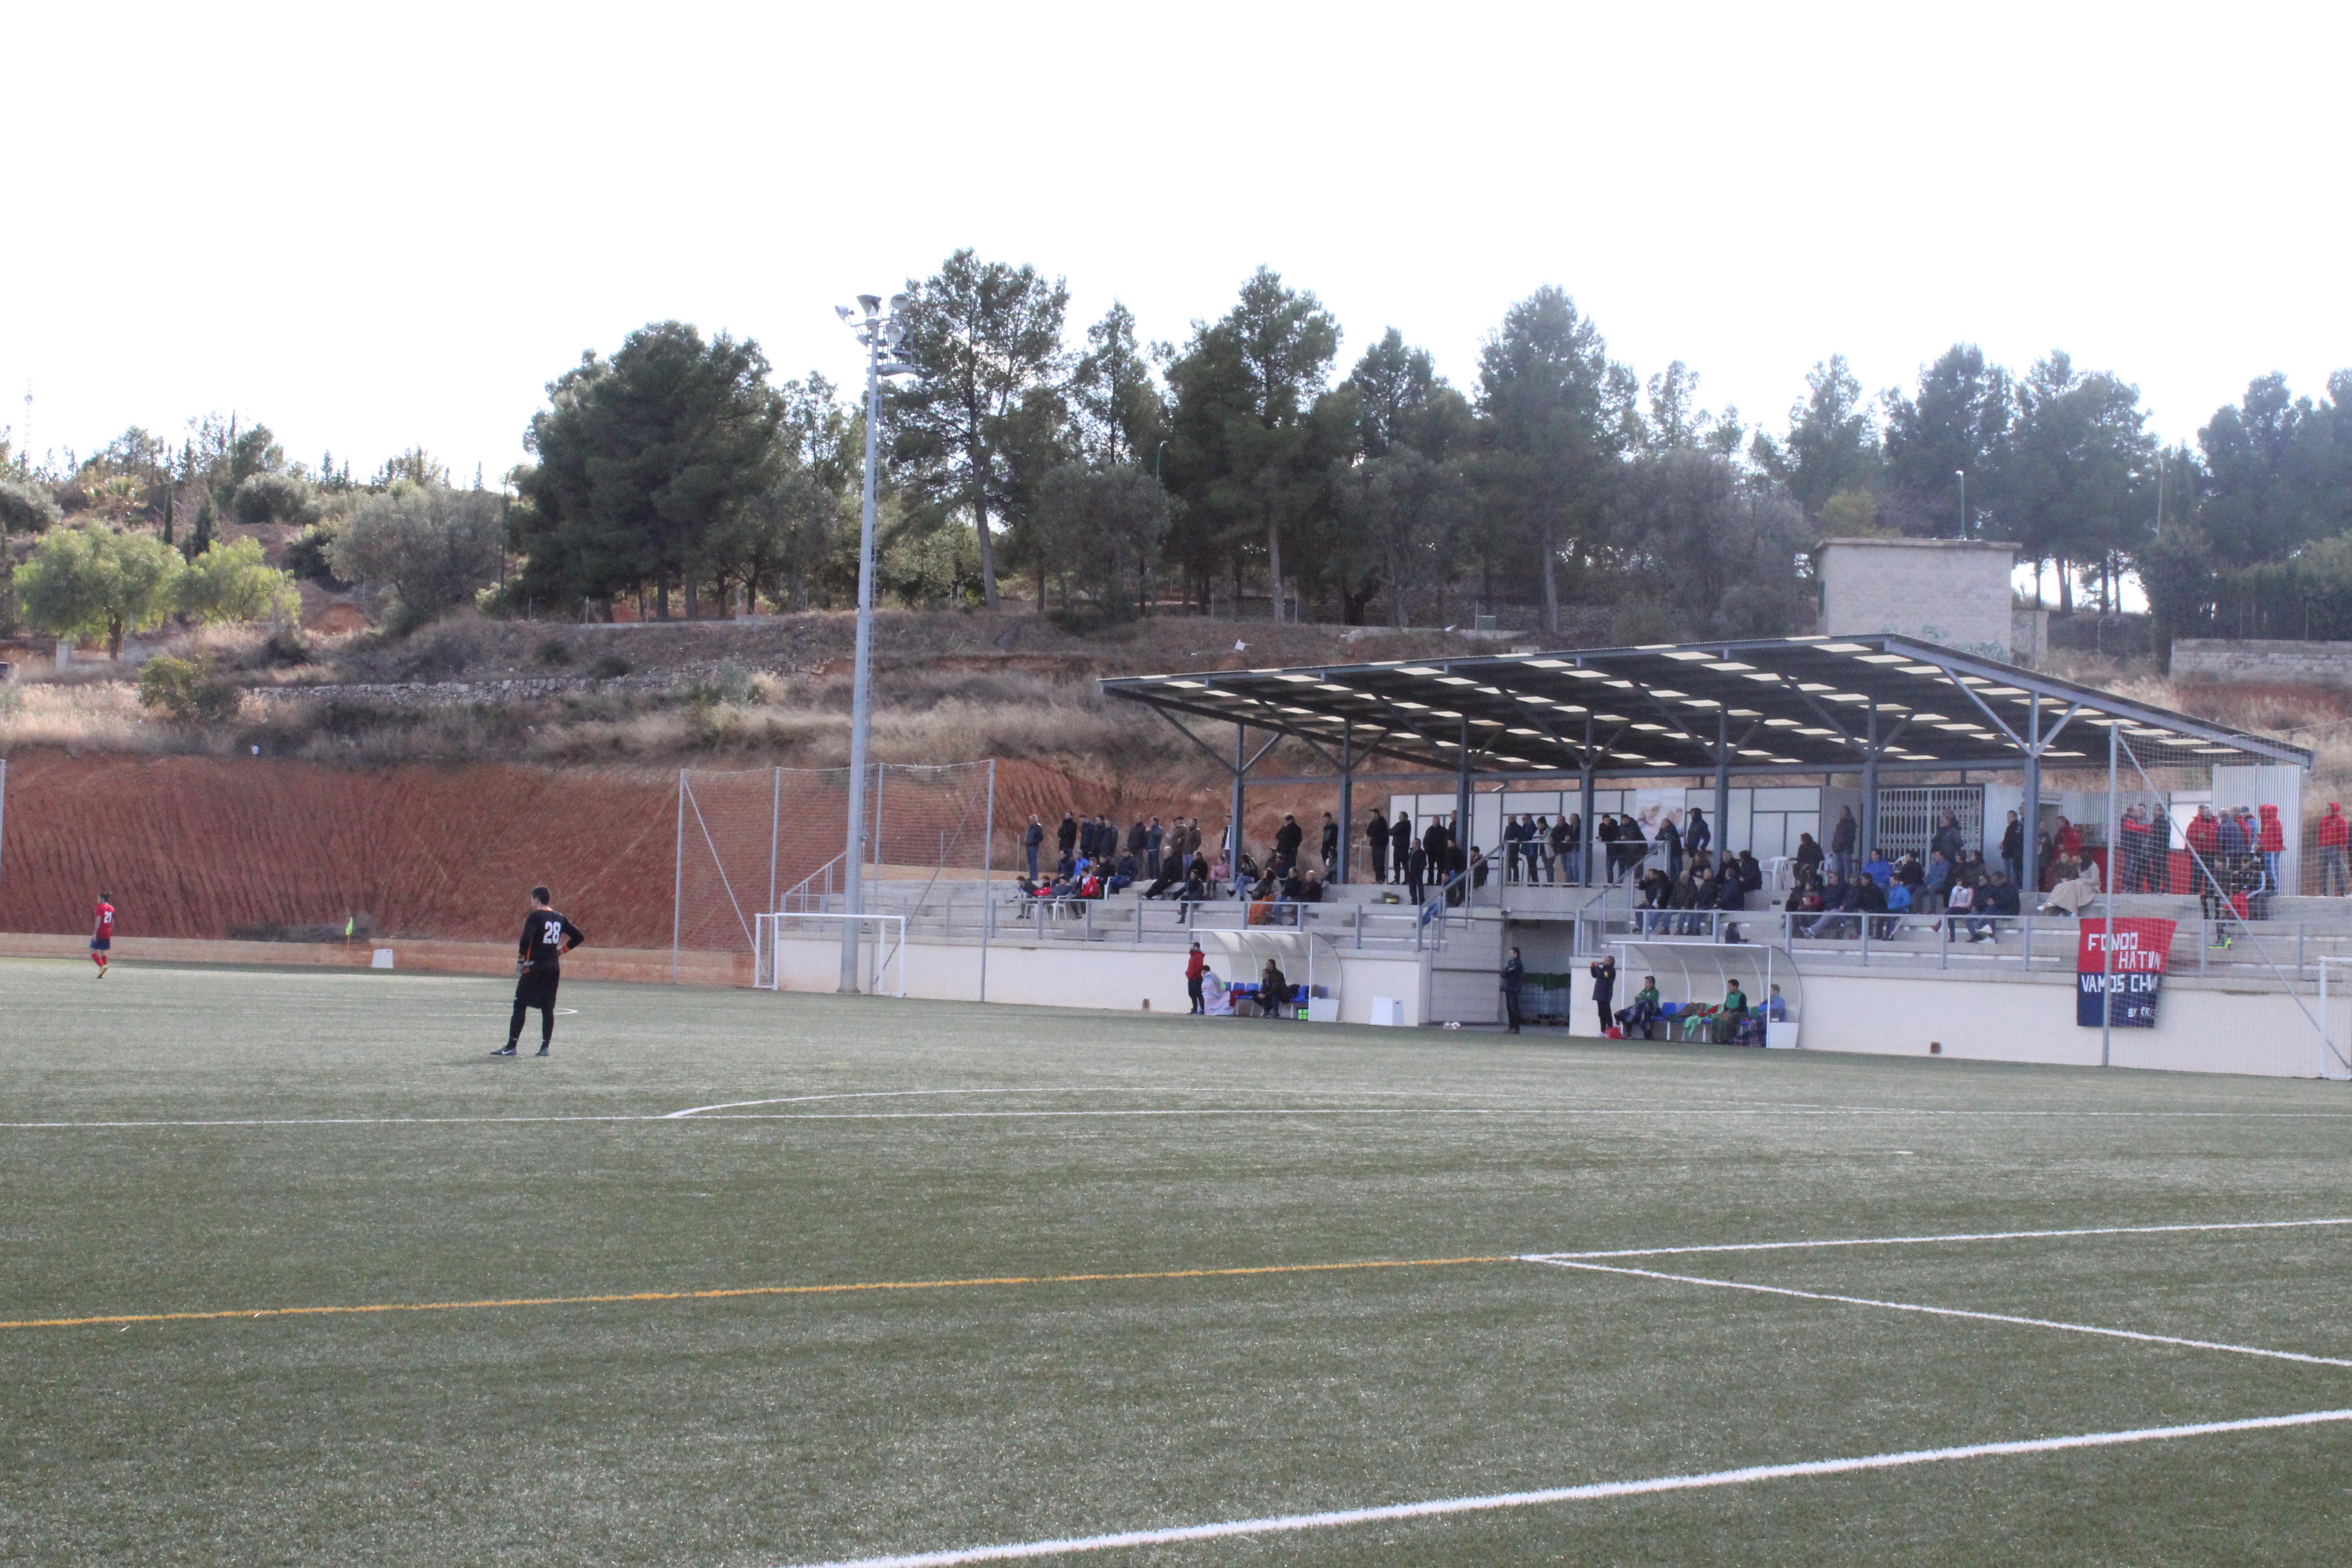 El Chiva CF sigue intratable en su terreno de juego, La Murta. Foto: Raúl Miralles Lacalle.